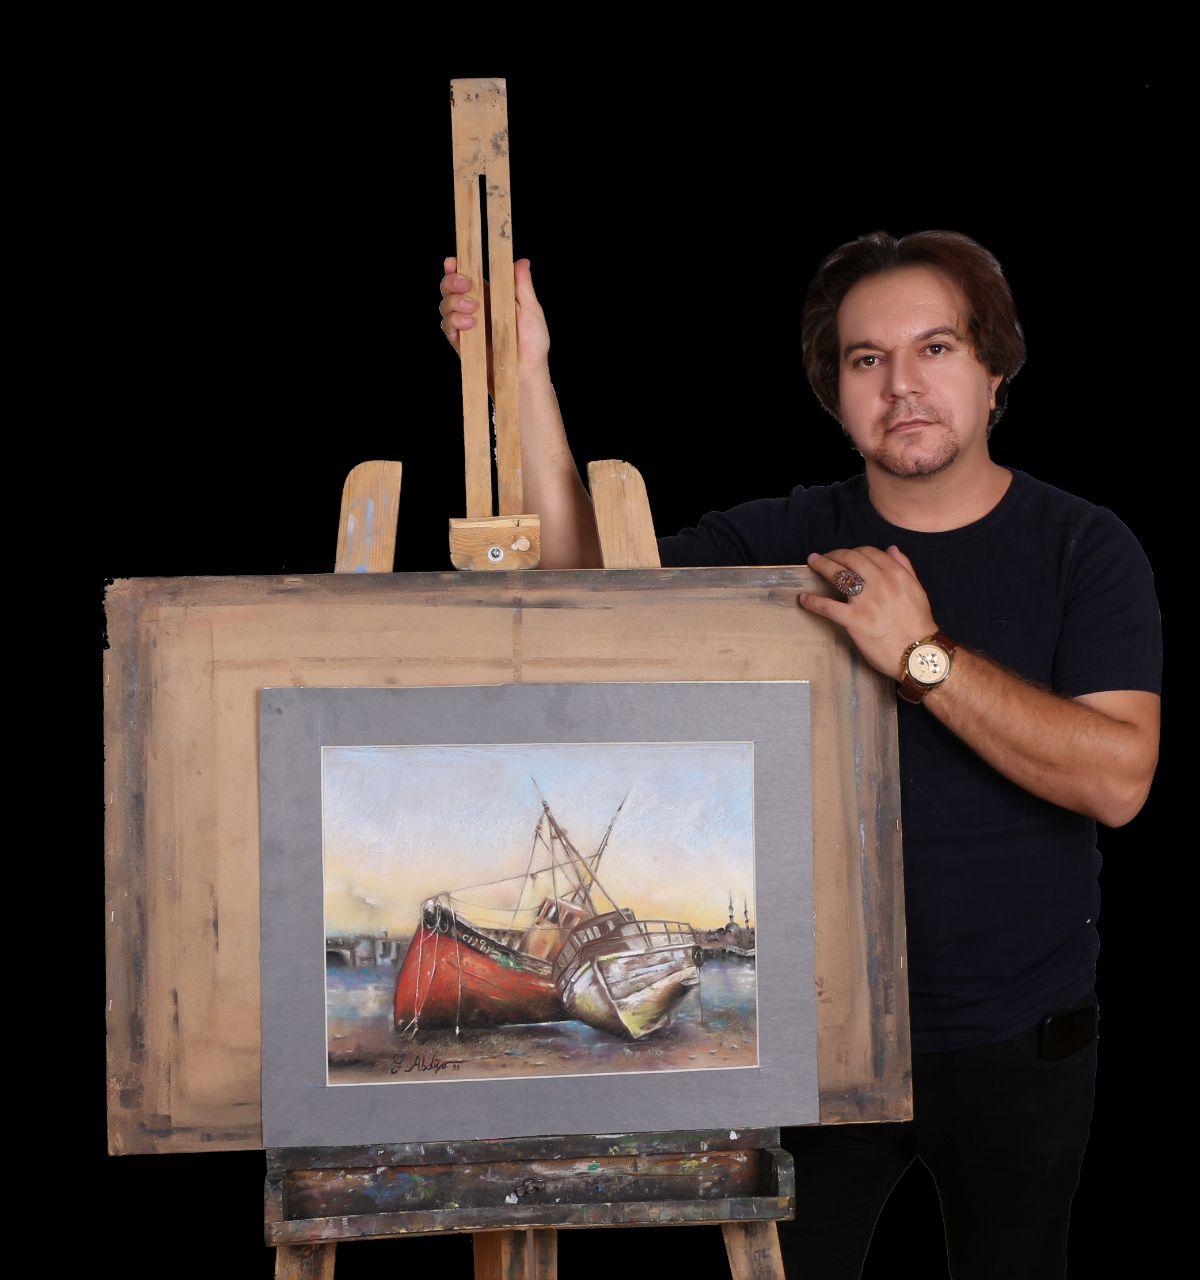 هنرمندی که از هر انگشتش هنر می بارد